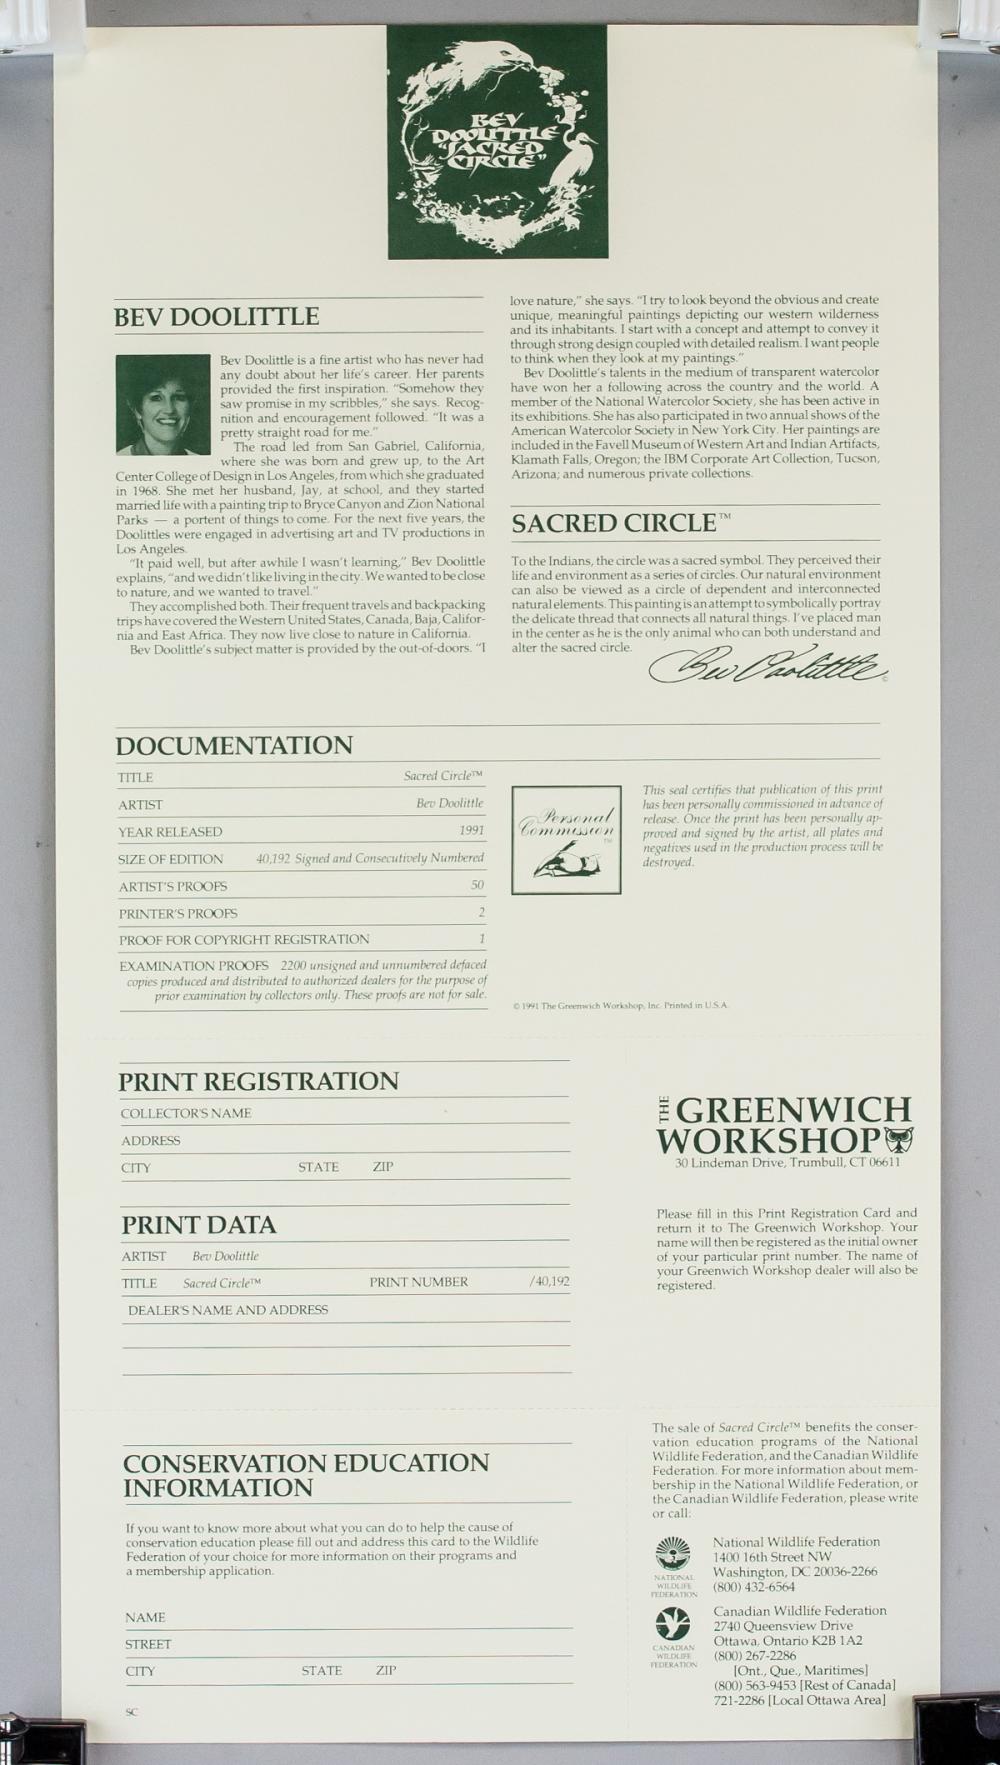 Lot 267: Bev Doolittle b. 1947 US Signed Litho 27083/40192